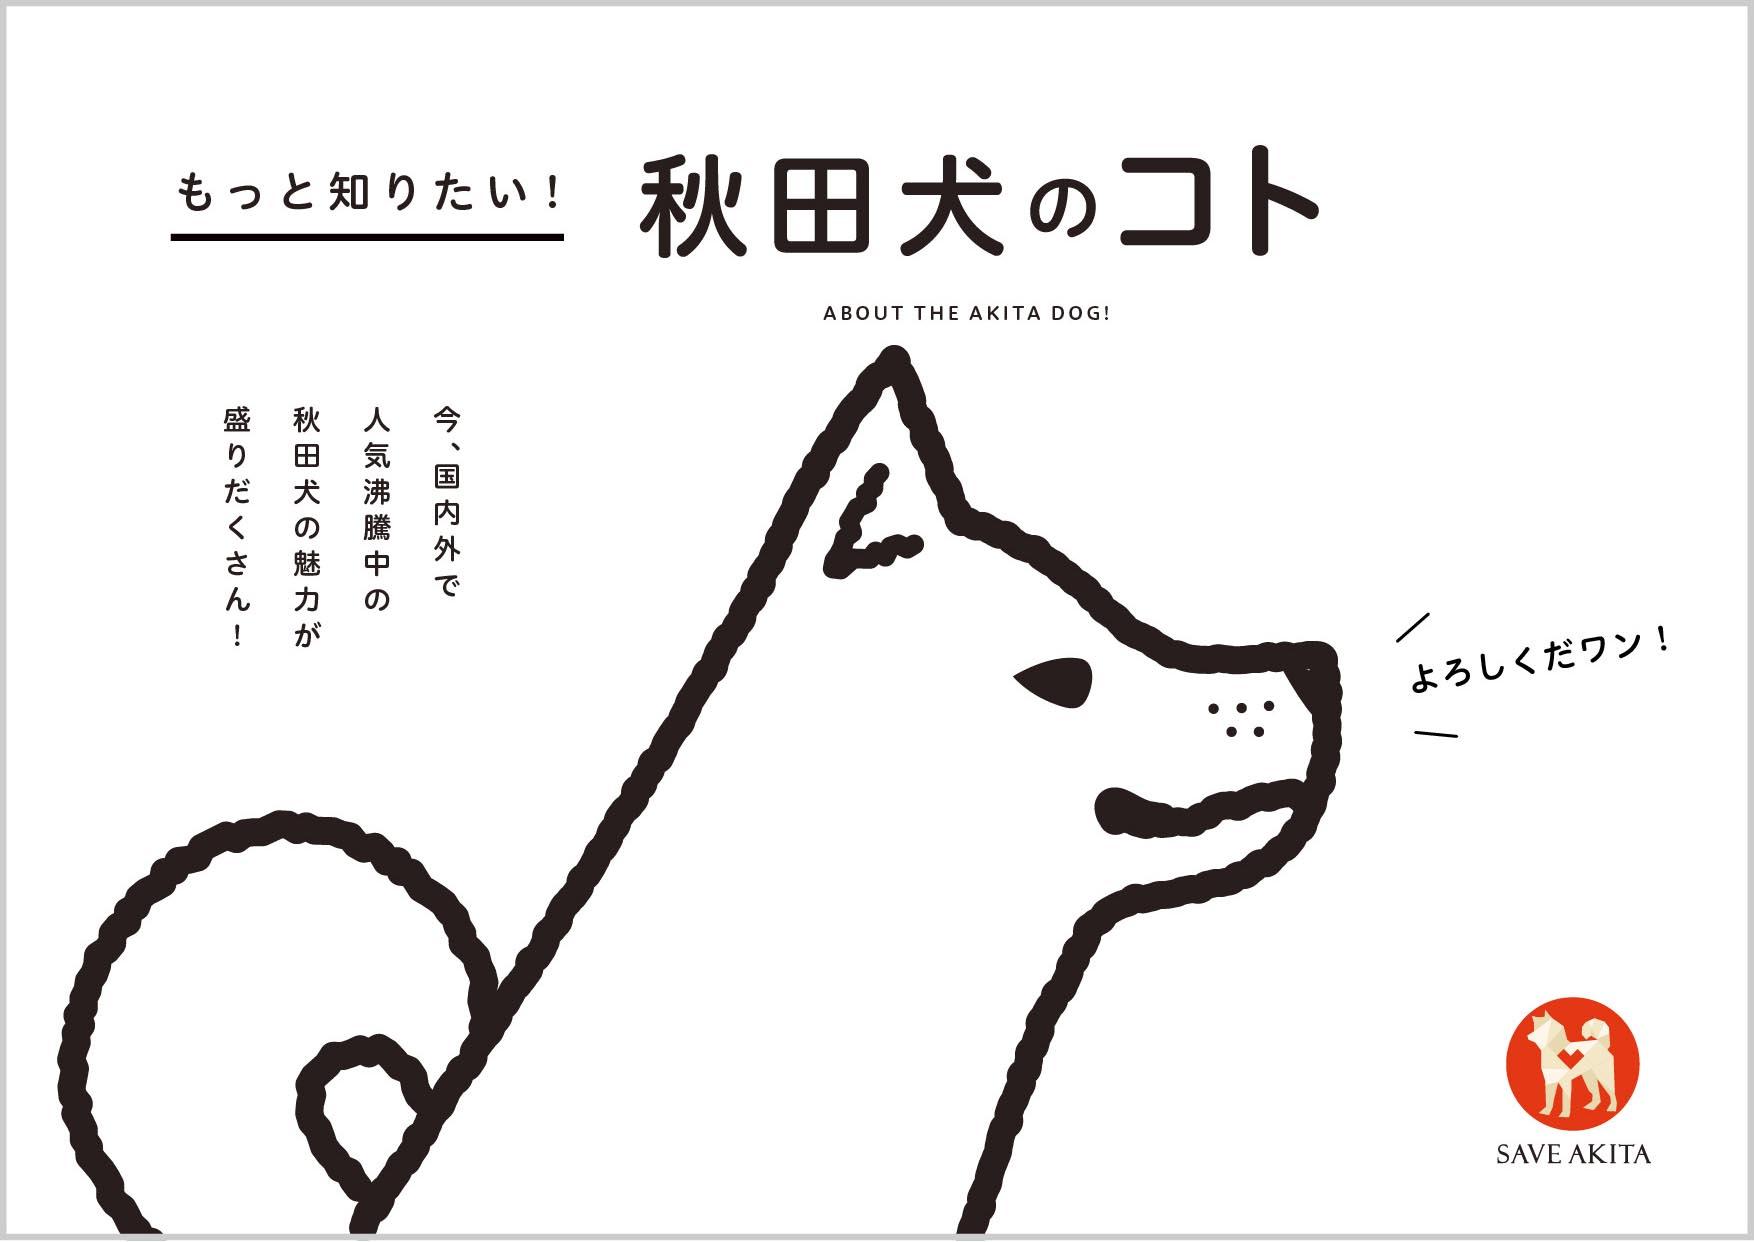 秋田犬のコト、始まりました!